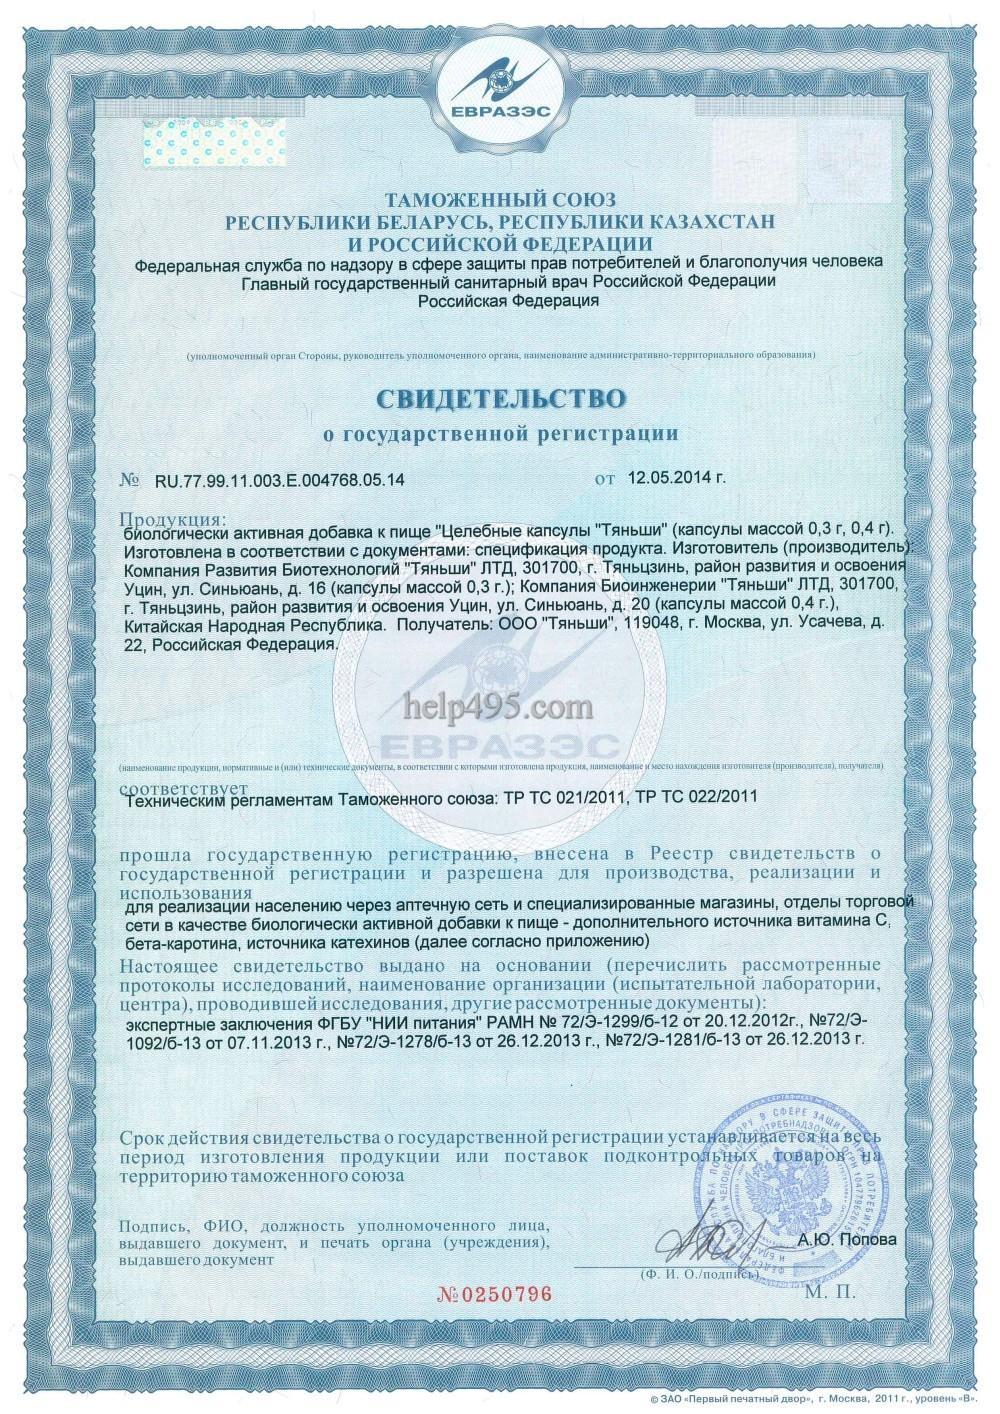 1-ая стр. сертификата препарата: Целебные капсулы Тяньши